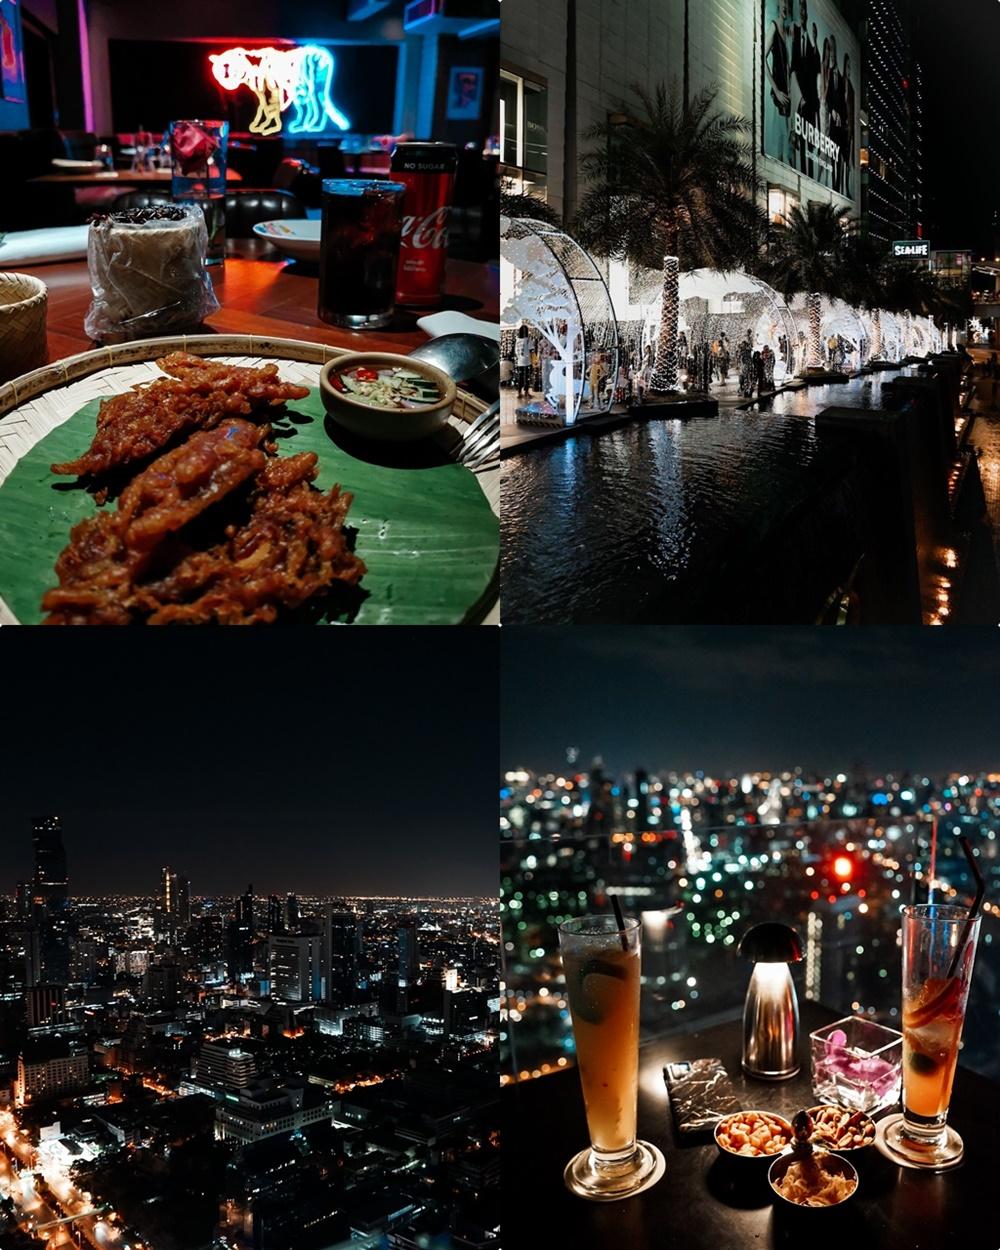 Ross Kitchen & Siam Paragon (oben links - rechts), Moon Bar im Banyan Tree Hotel und Aussicht (unten)